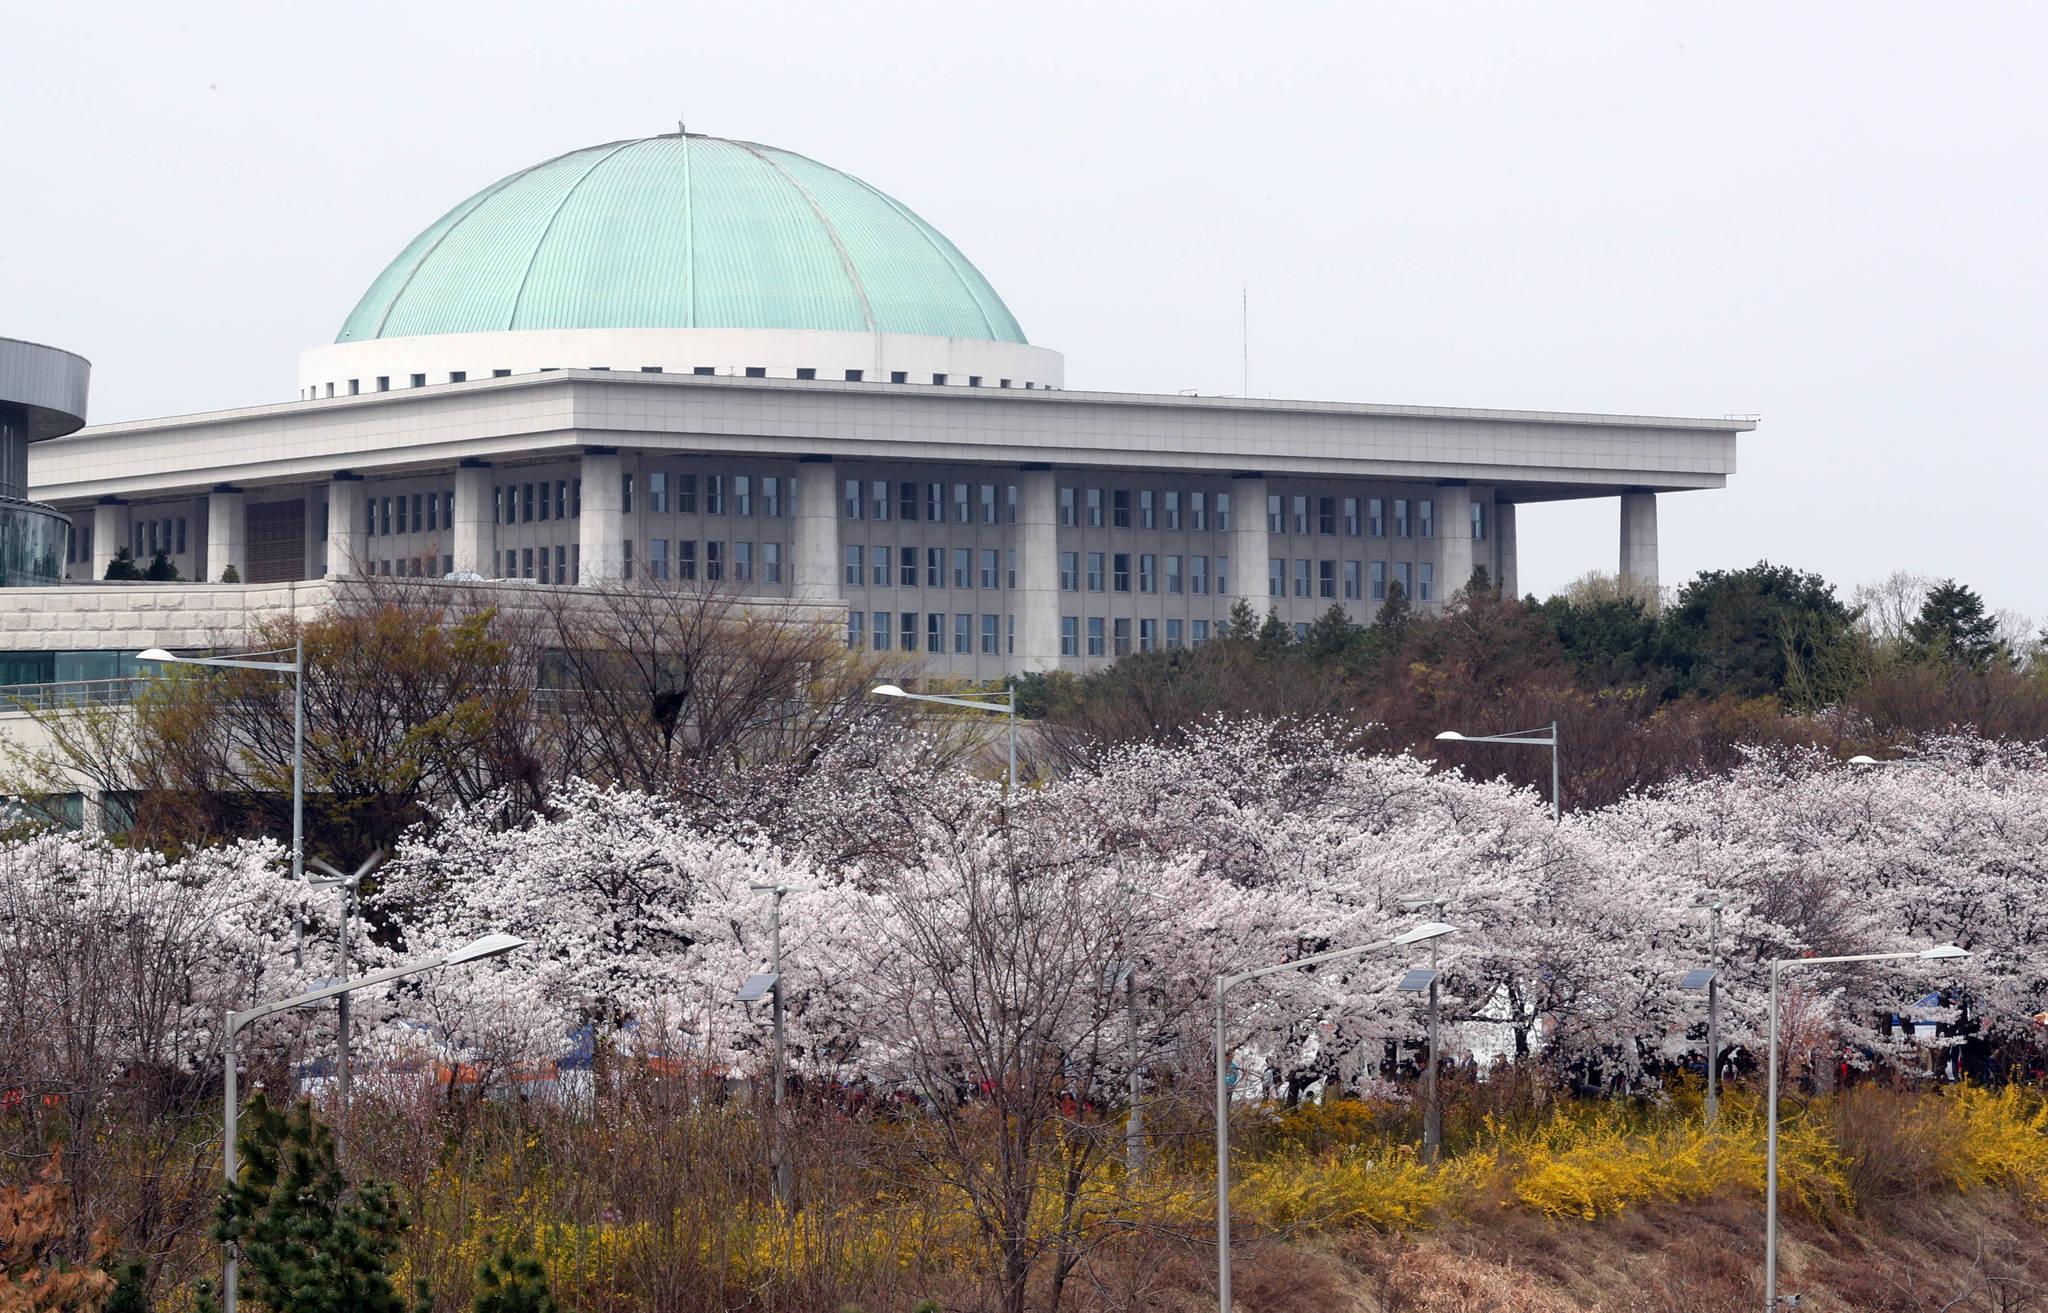 7일 서울 여의도 벚꽃축제가 개막했다. 오는 12일까지 열린다. 강정현 기자